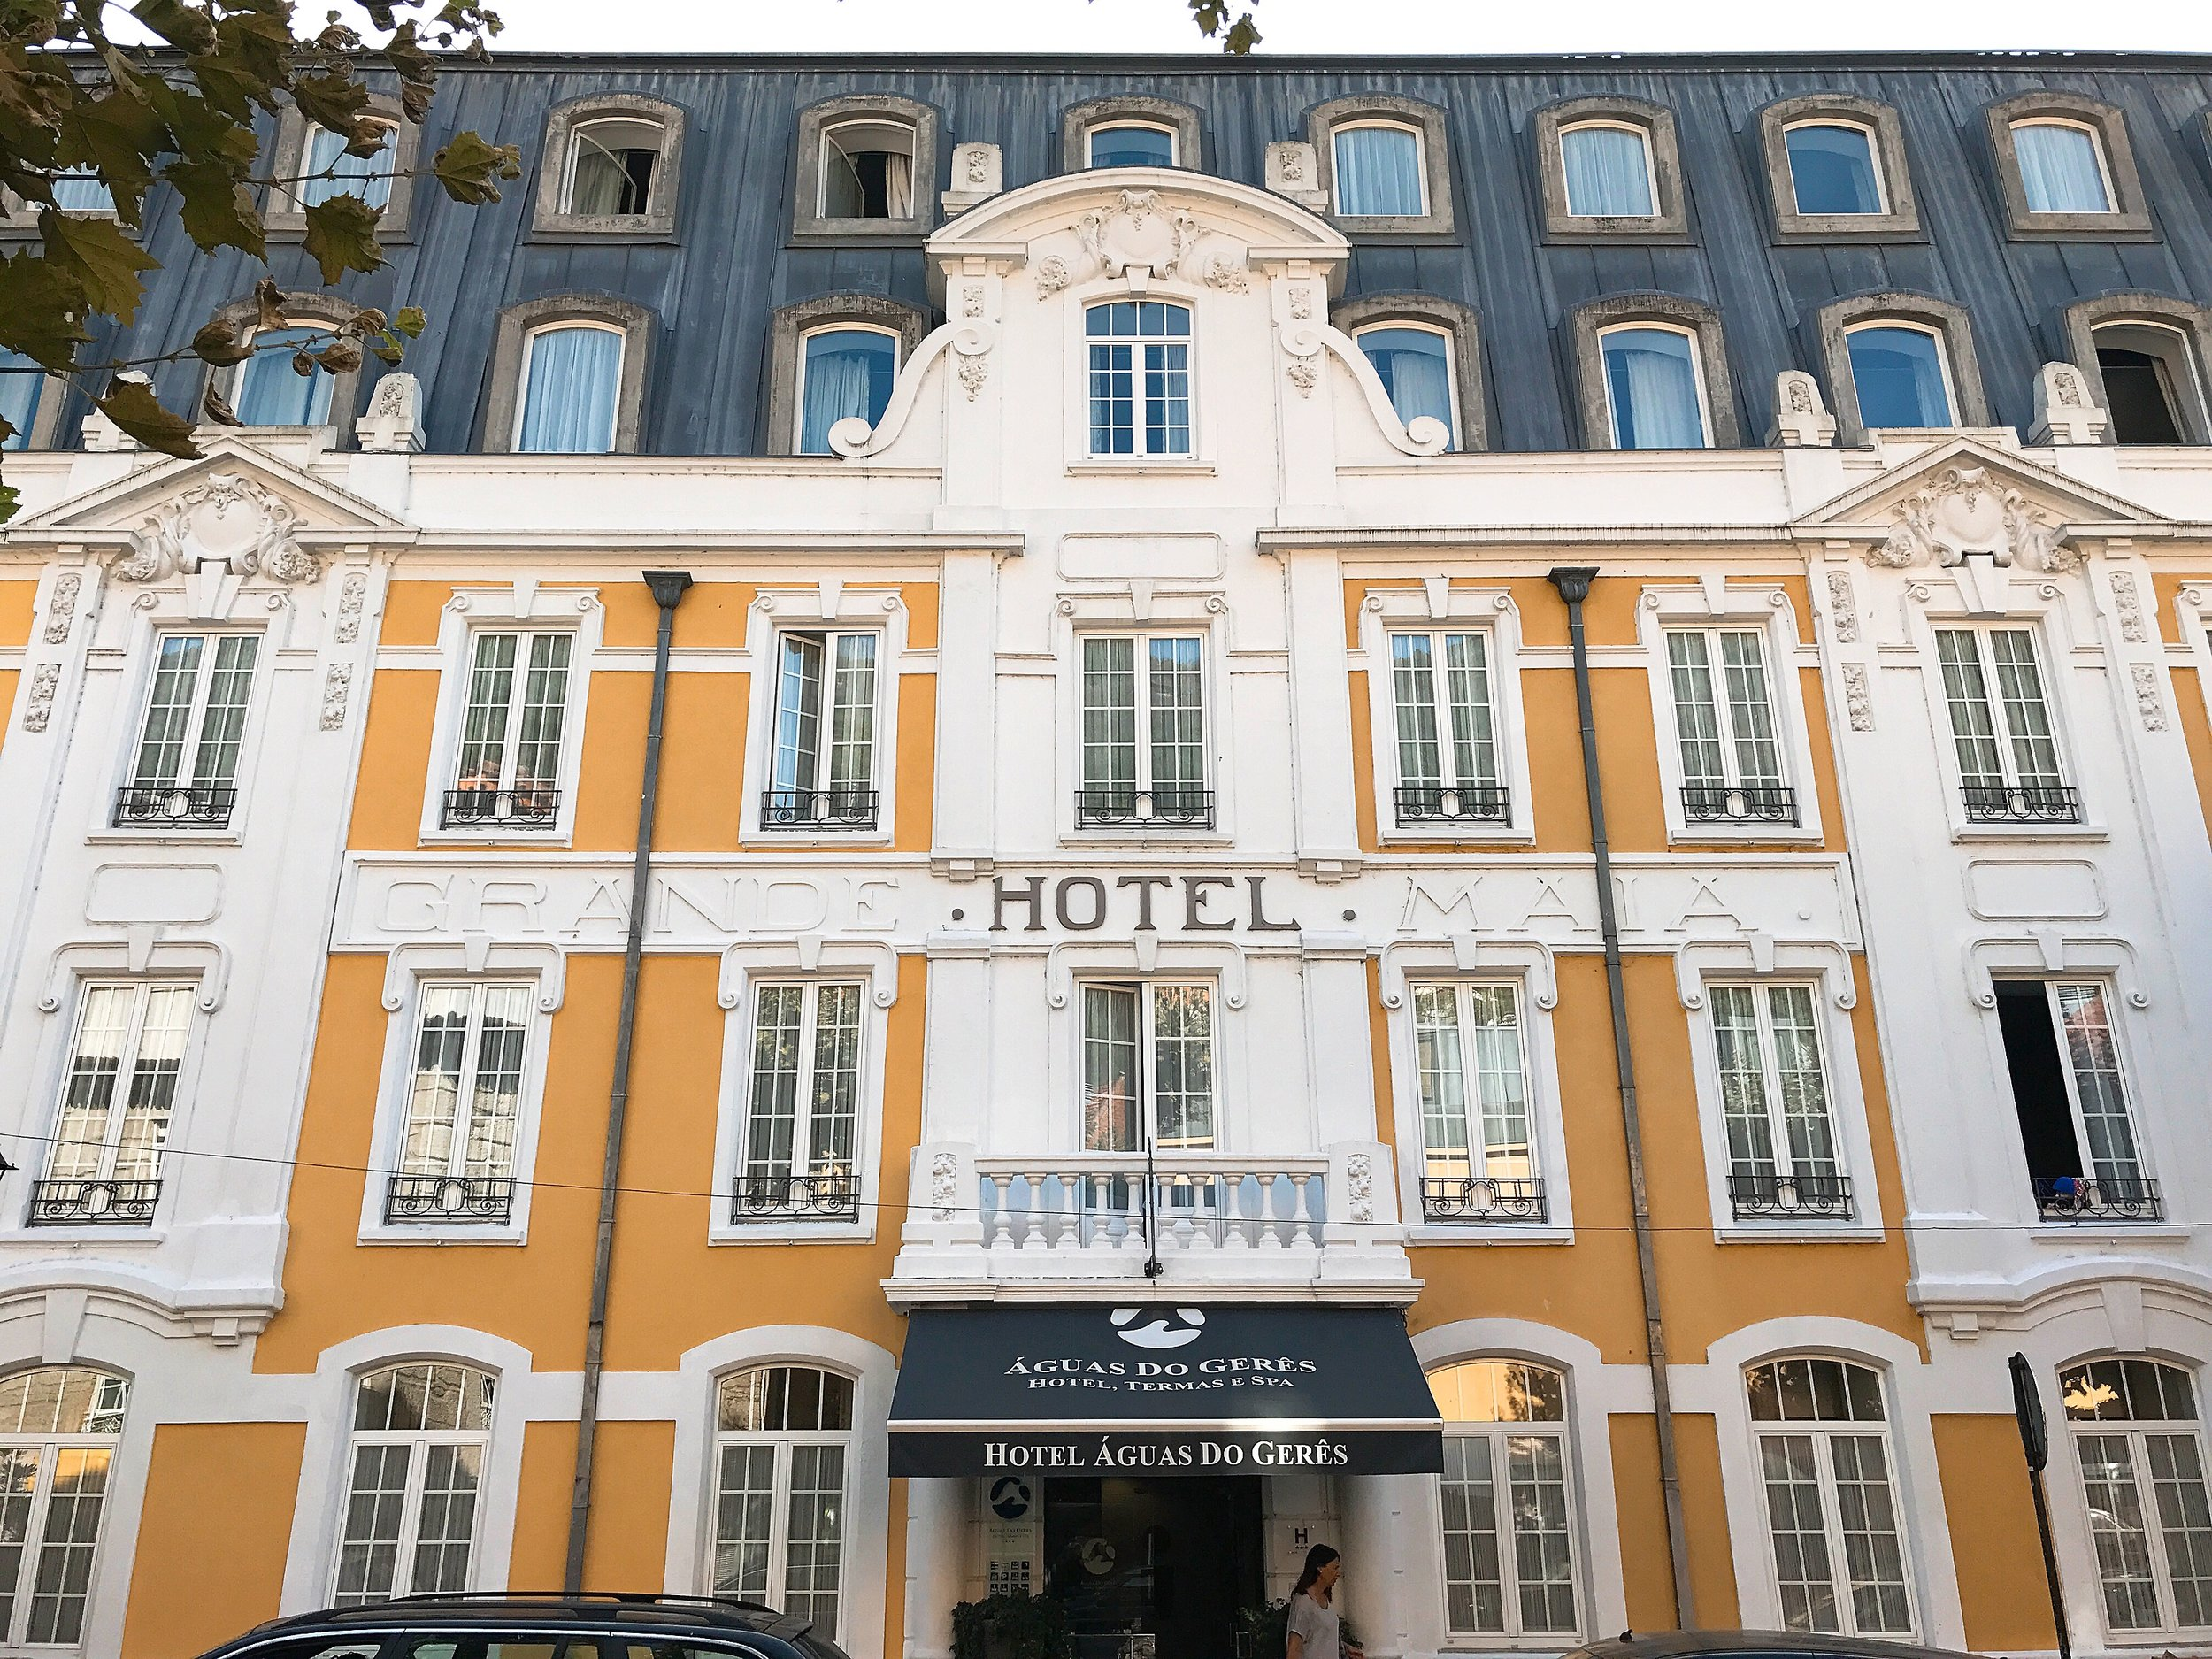 termas-do-geres-hotel.jpg